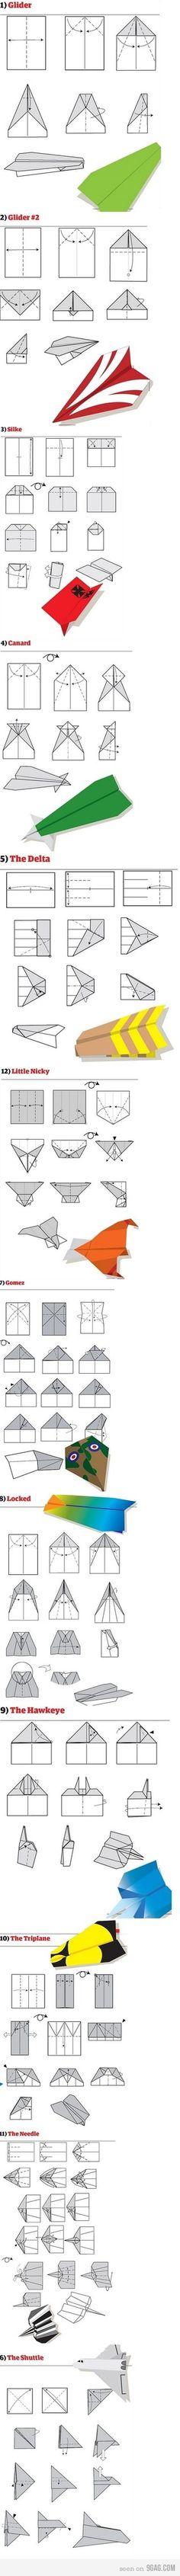 Paper airplanes! Wheeeeeooooow!